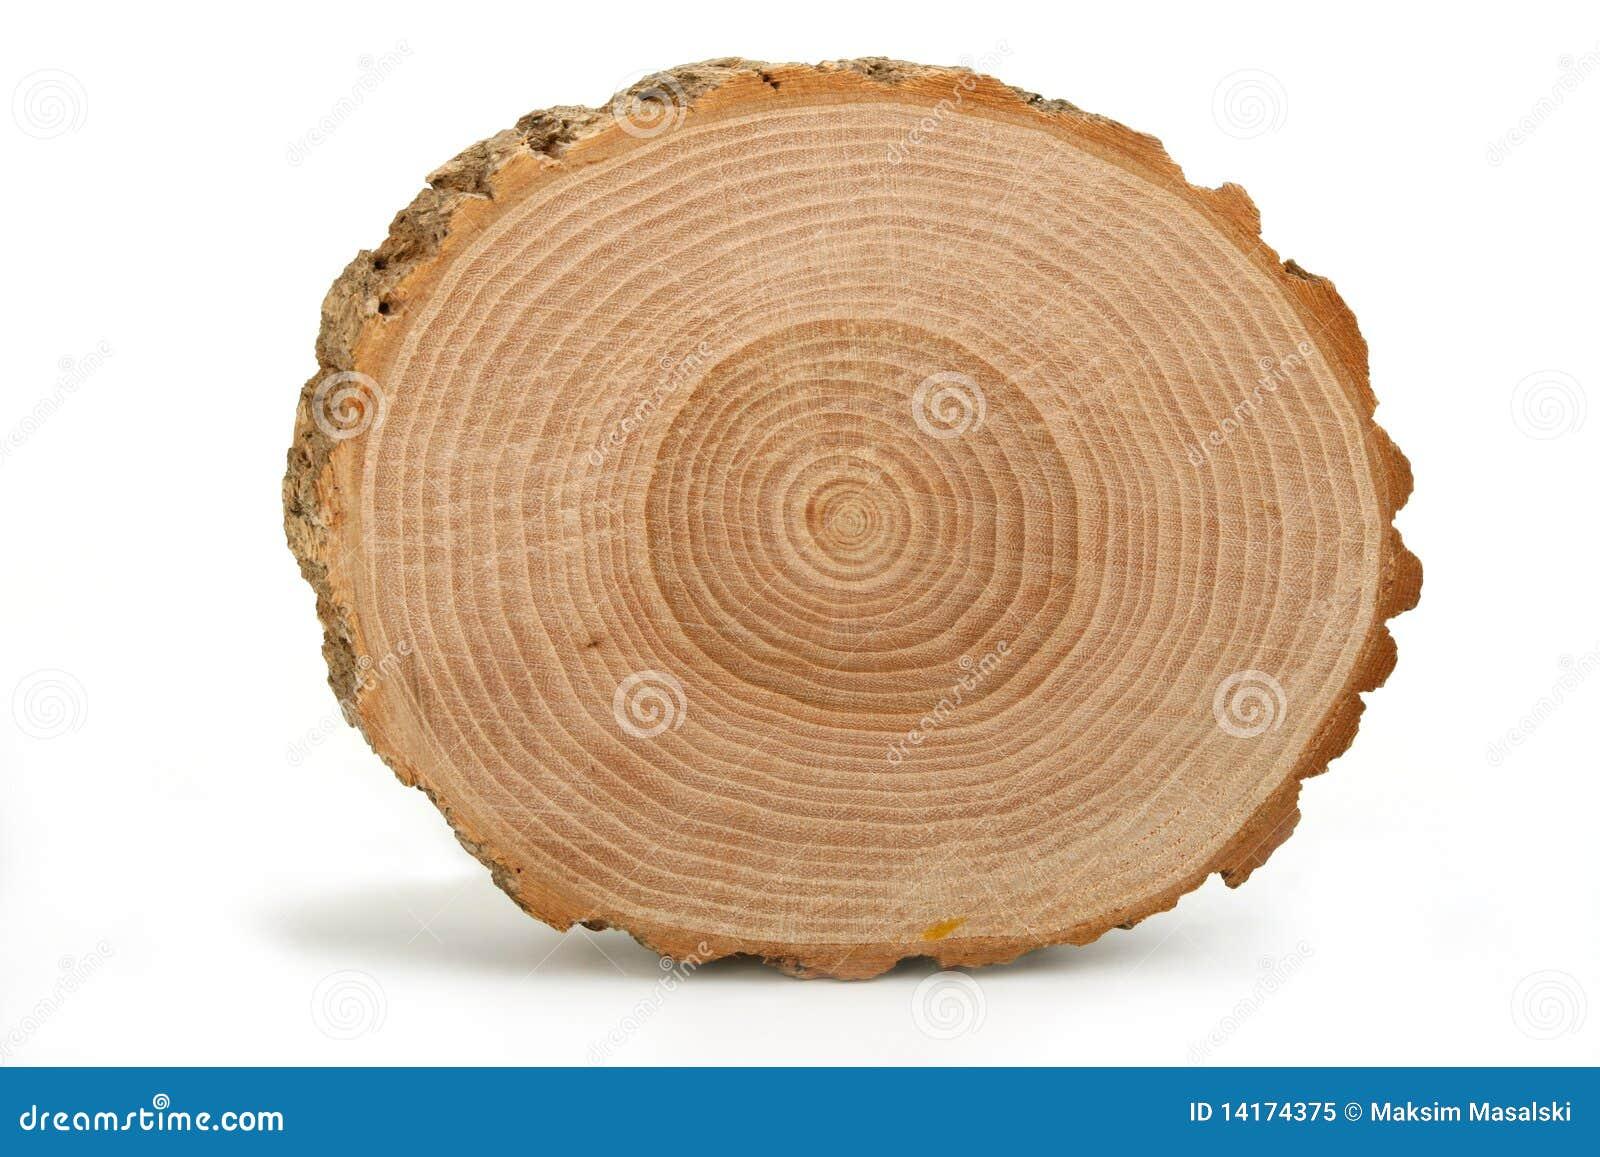 перекрестный раздел годичных колец показывая ствол дерева